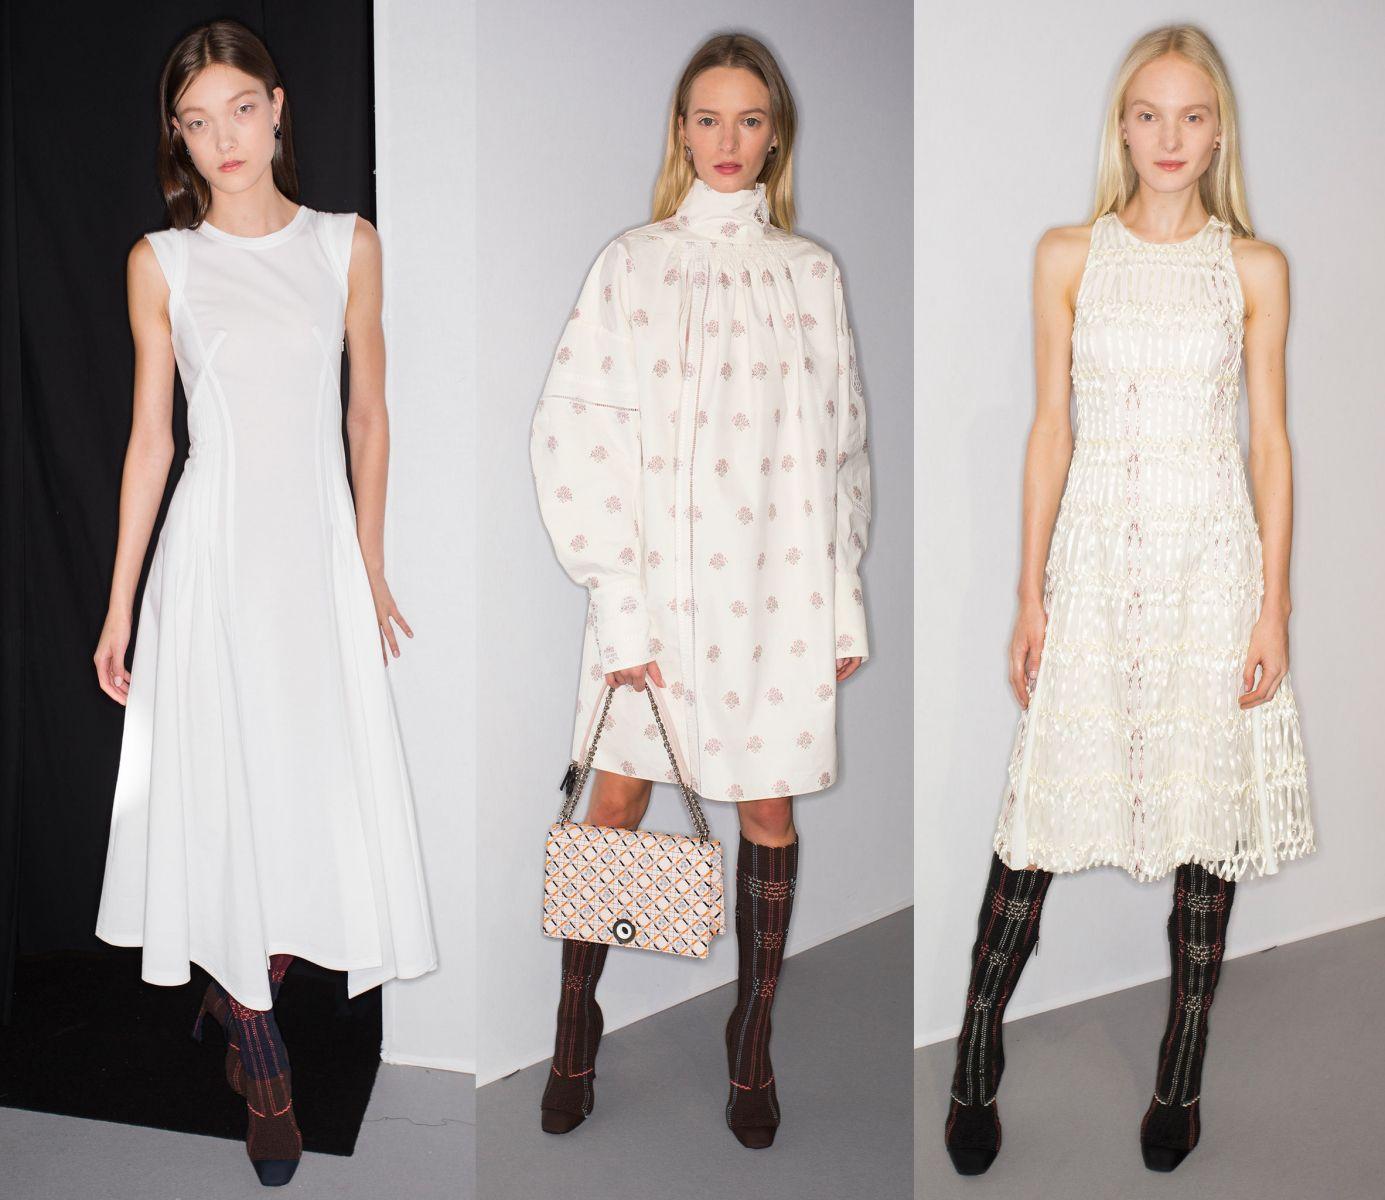 Неделя моды в Париже: Christian Dior, весна-лето 2015 - фото №3